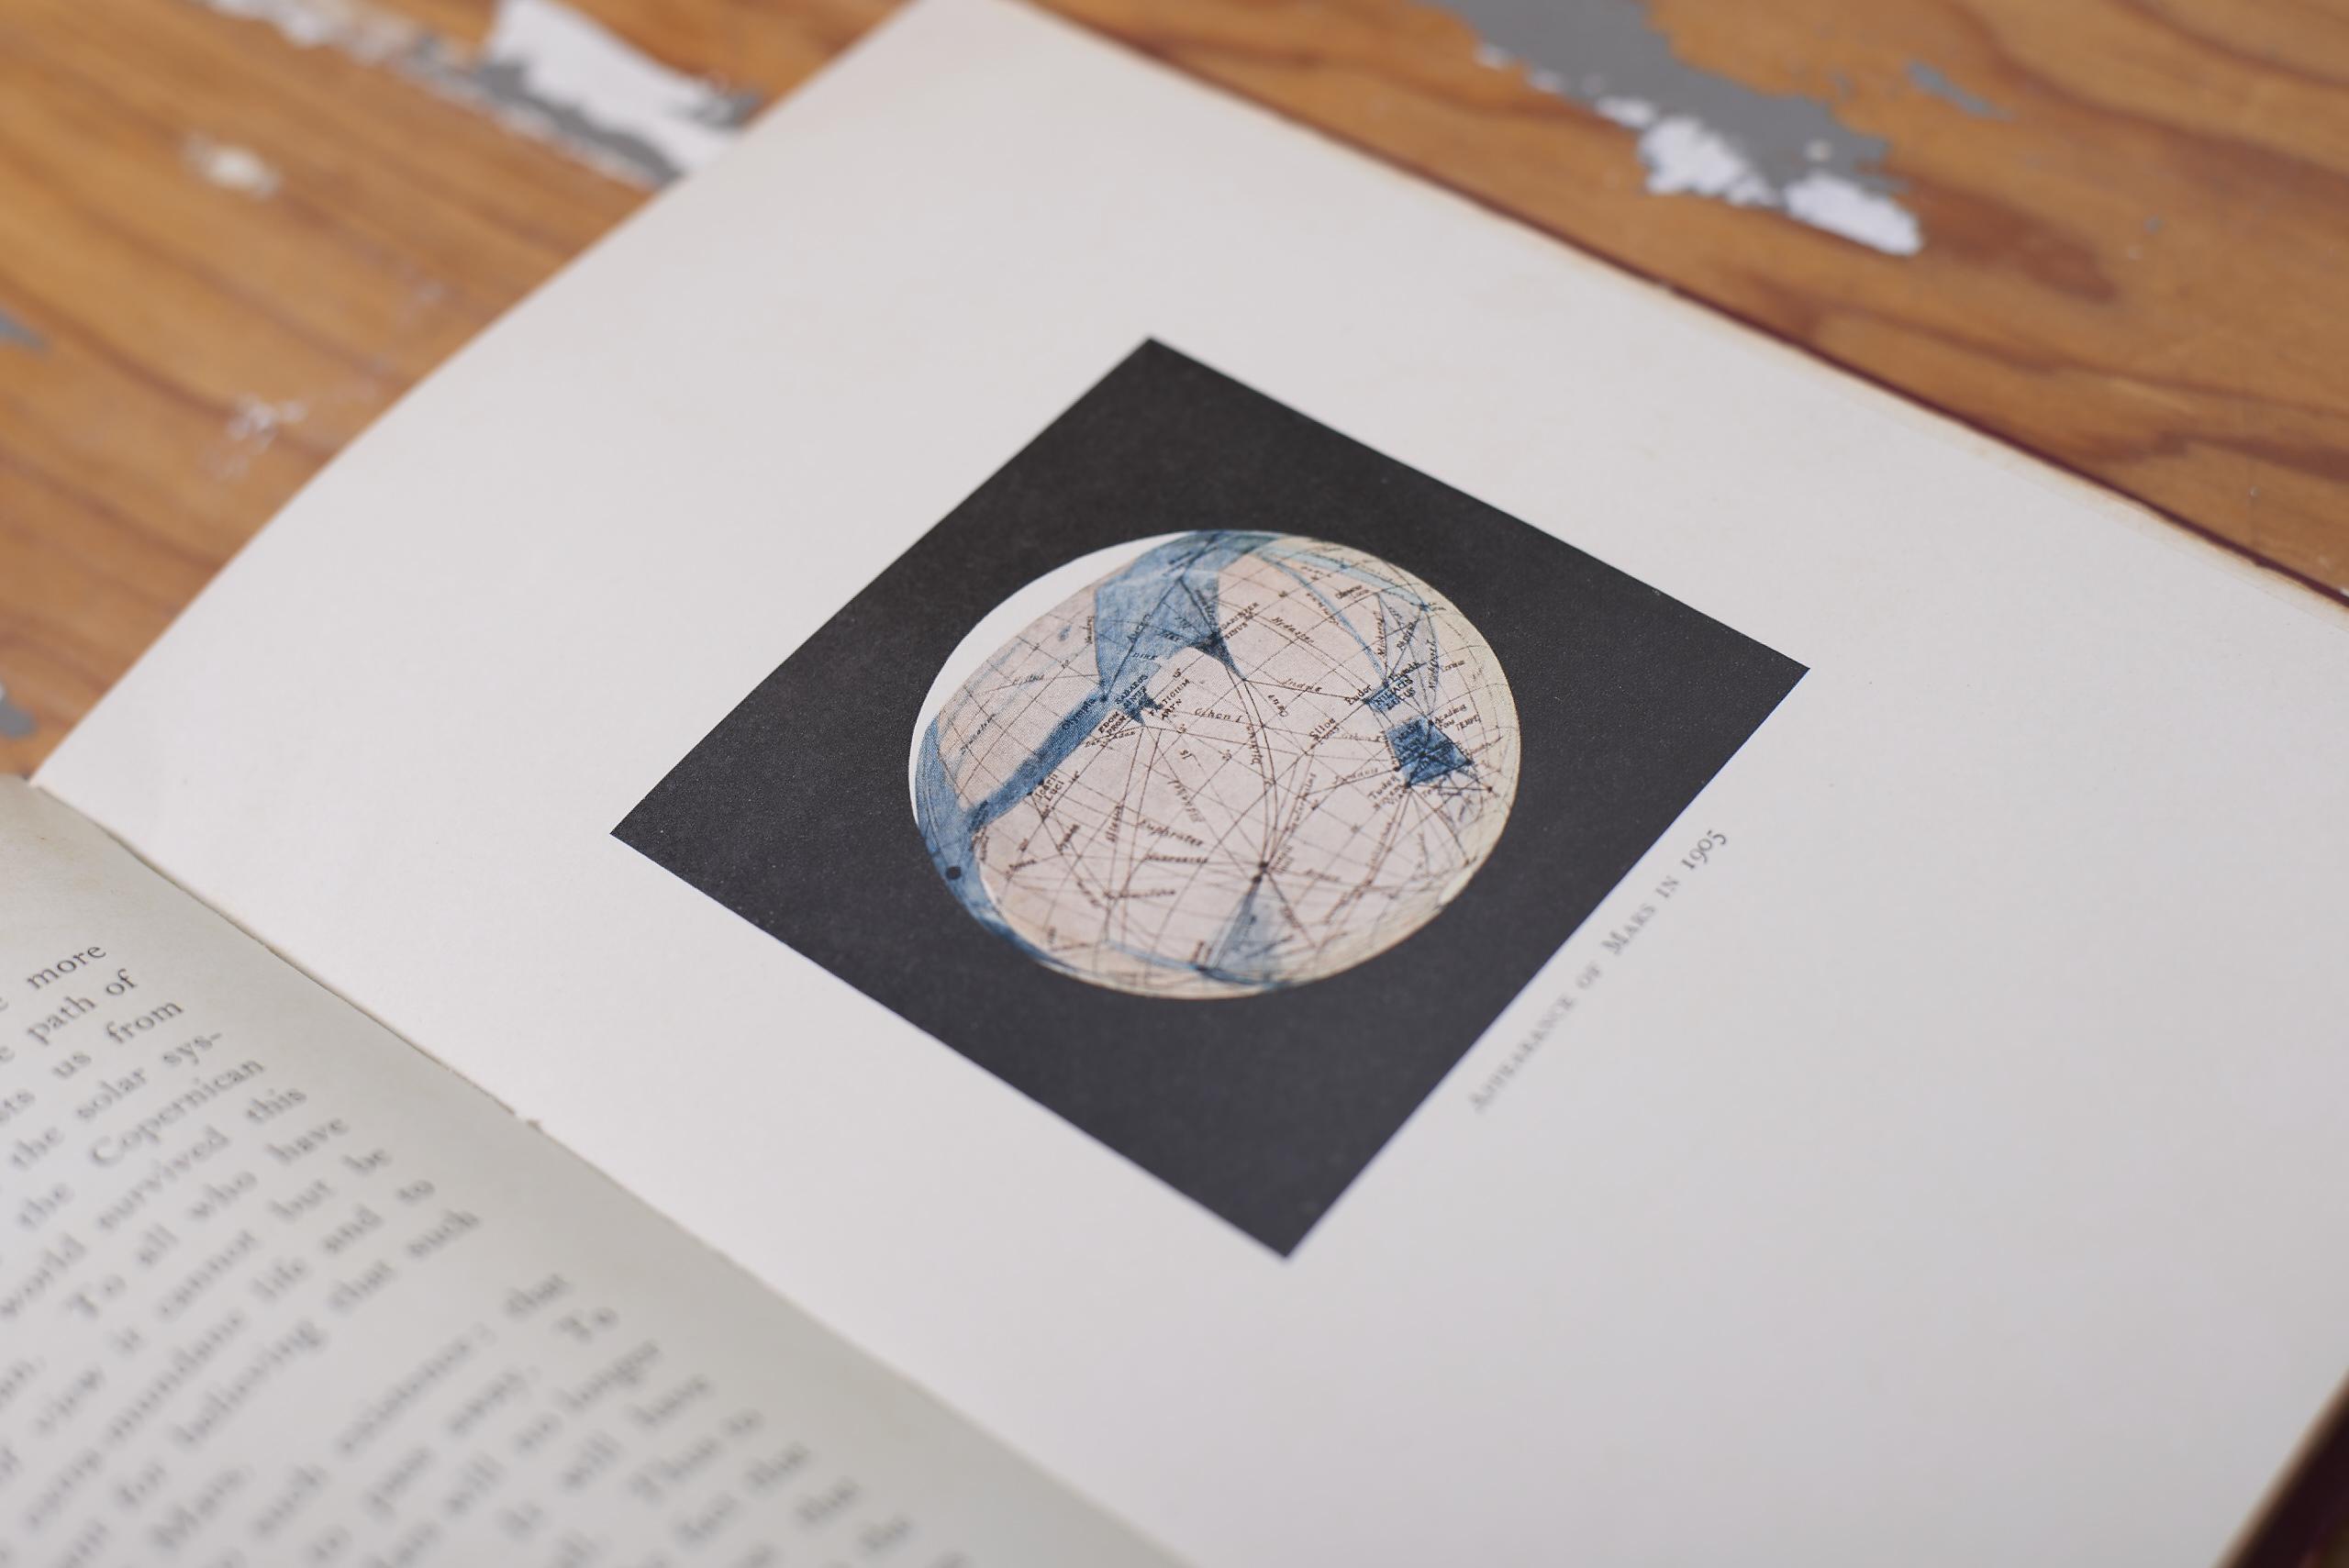 La mappa disegnata da Percival Lowell nel 1905